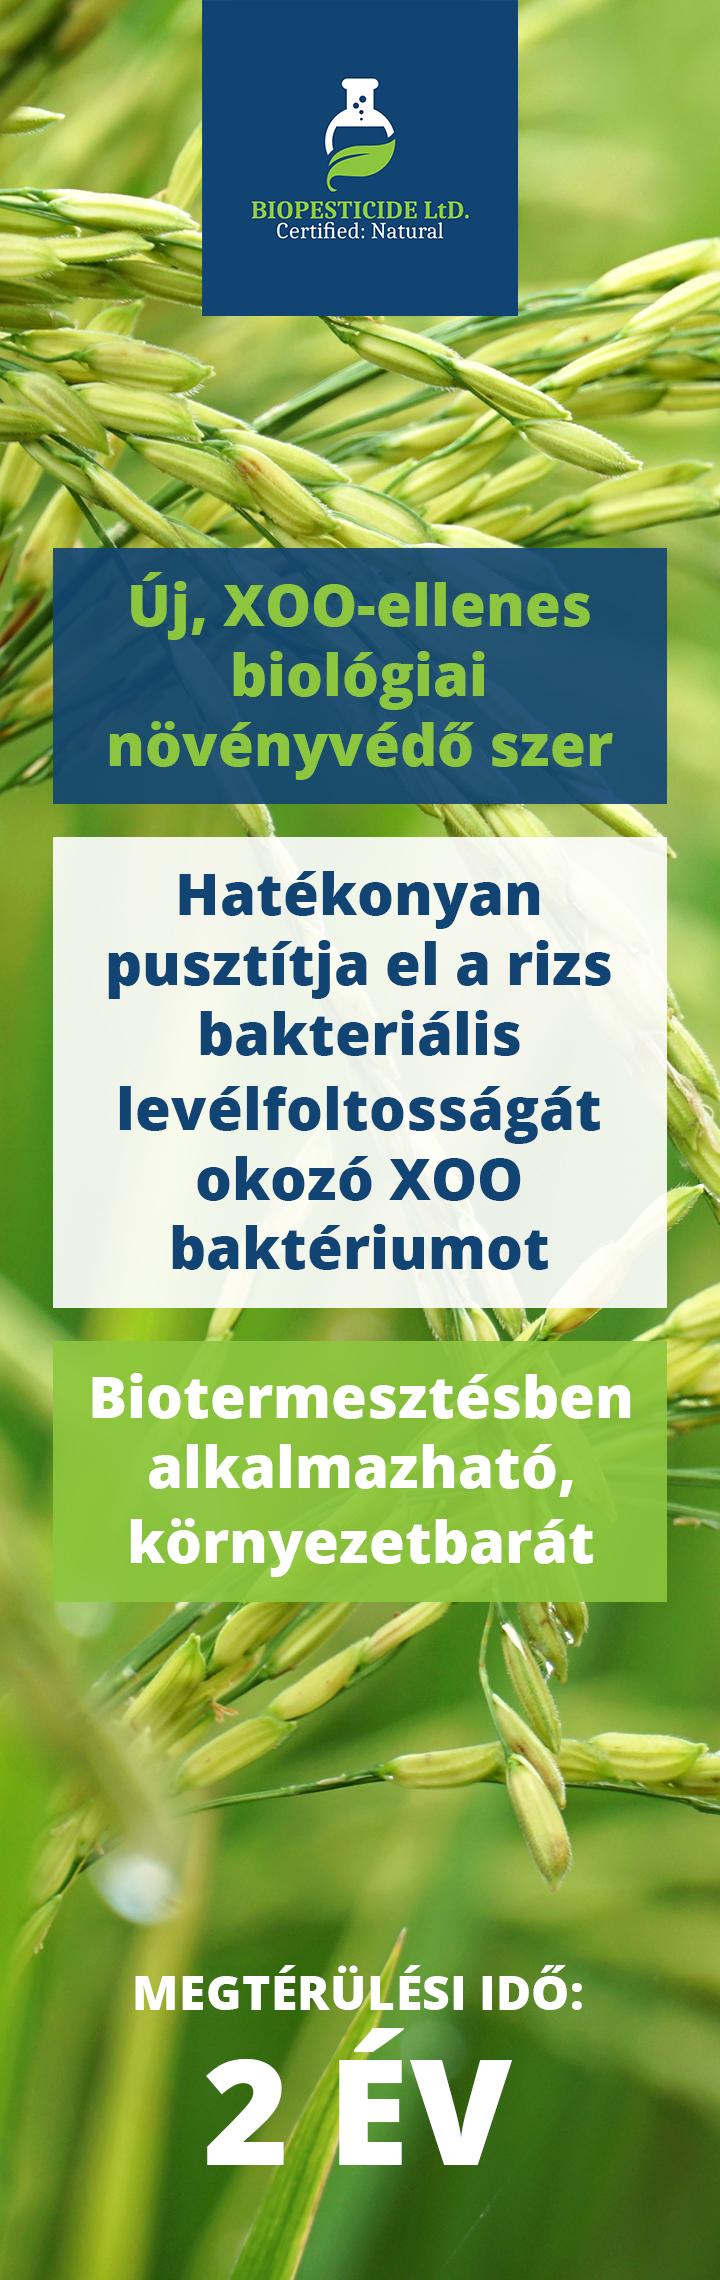 04-biopesticide-slider-mobil-a